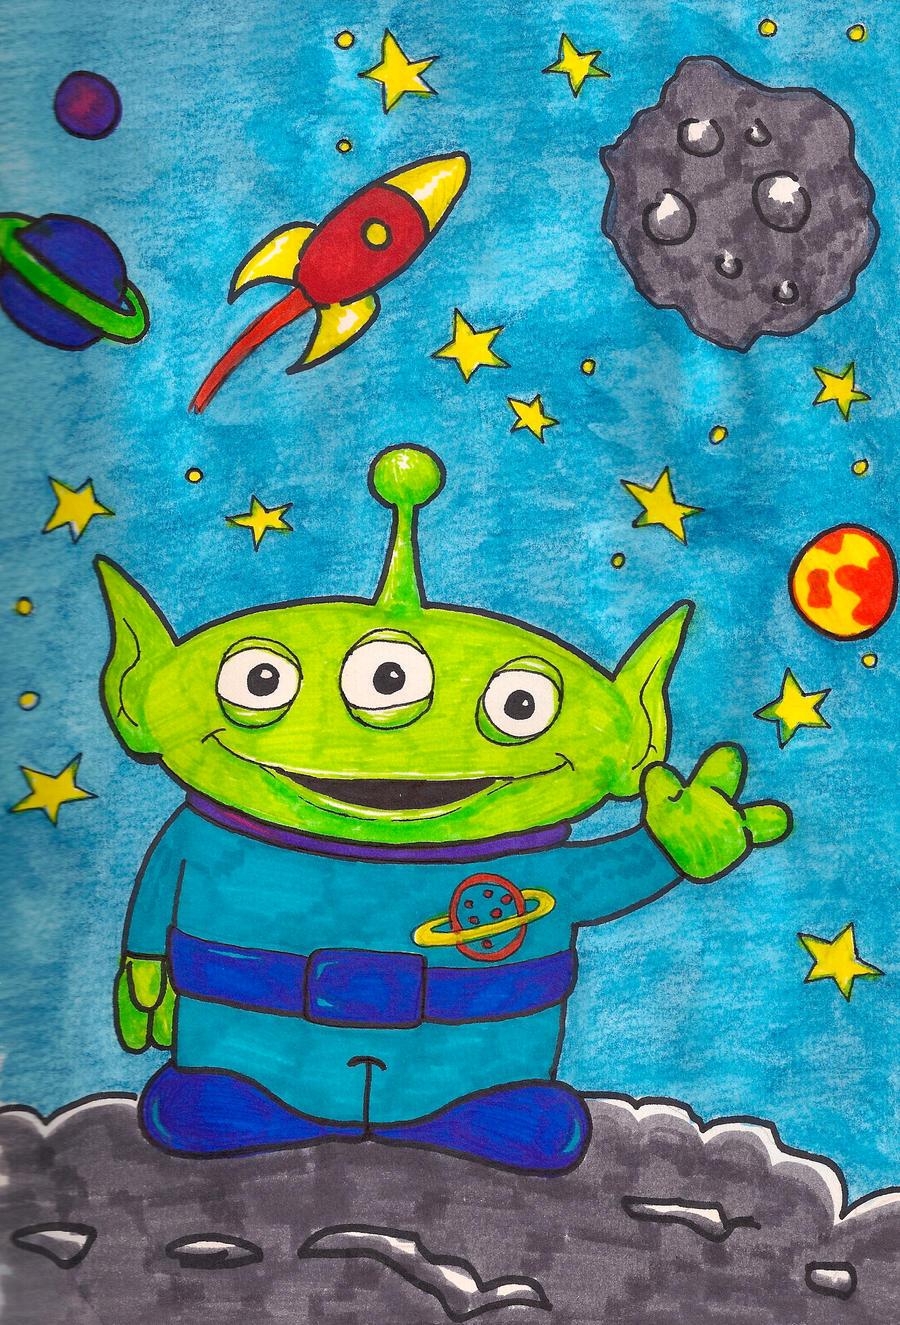 Alien By Puppy2388 On DeviantArt